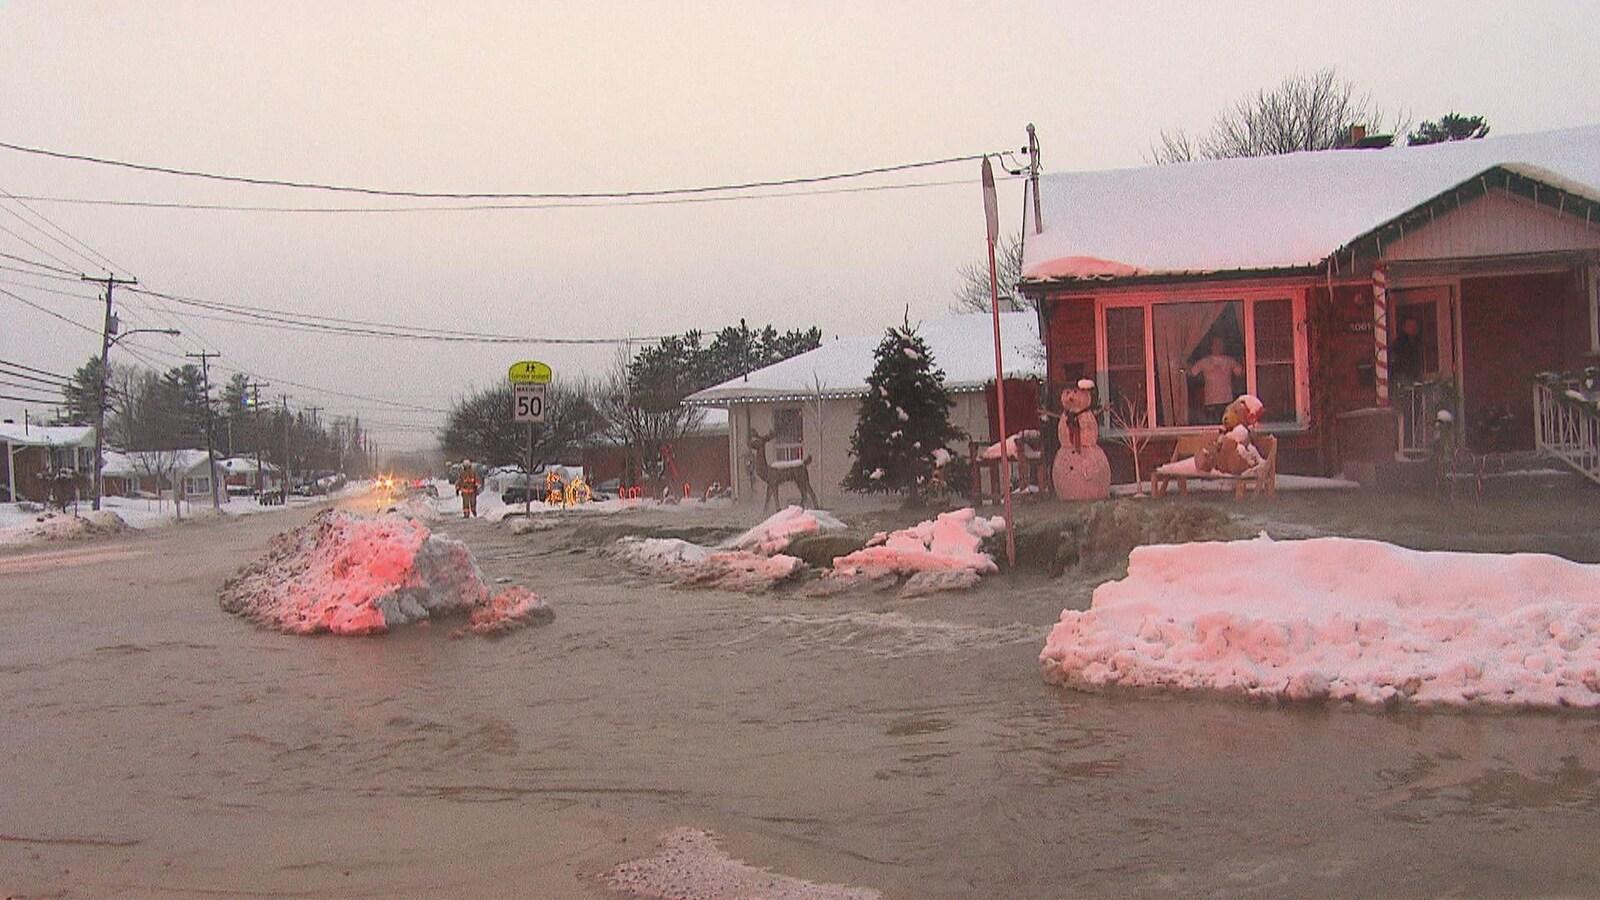 De l'eau s'écoule en grande quantité dans une rue et sur le terrain d'une résidence unifamiliale.